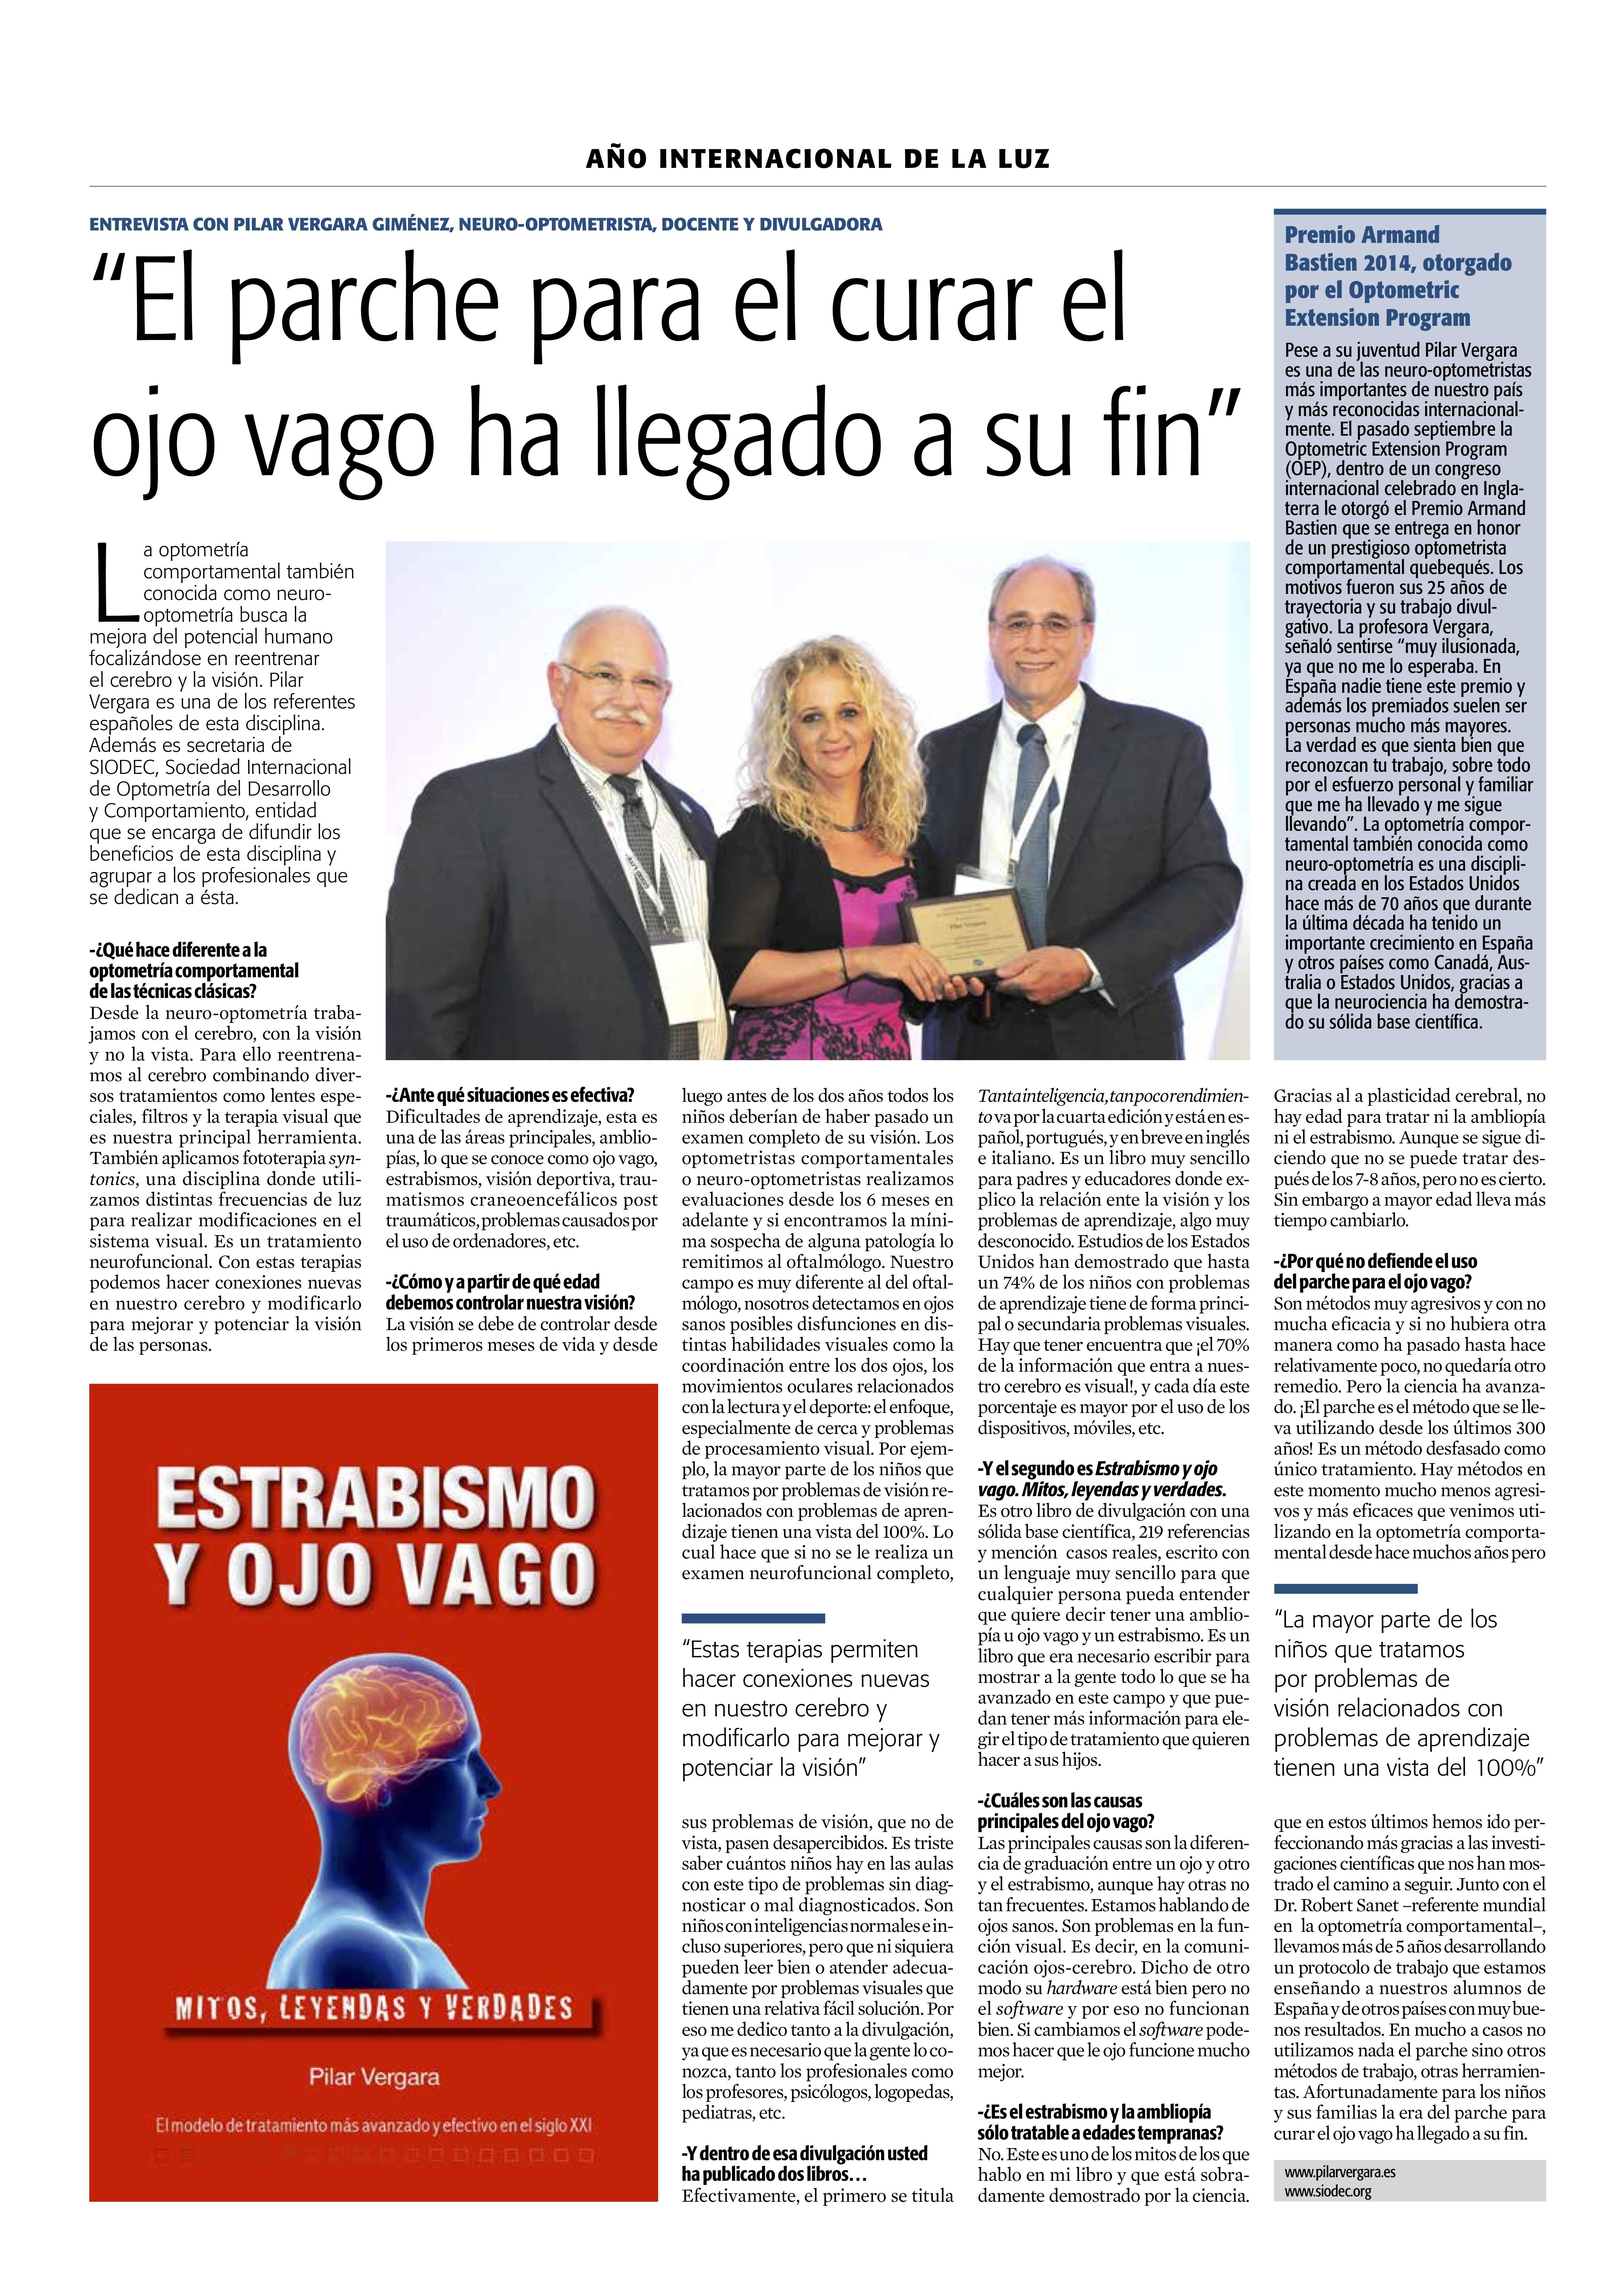 Entrevista a Pilar Vergara